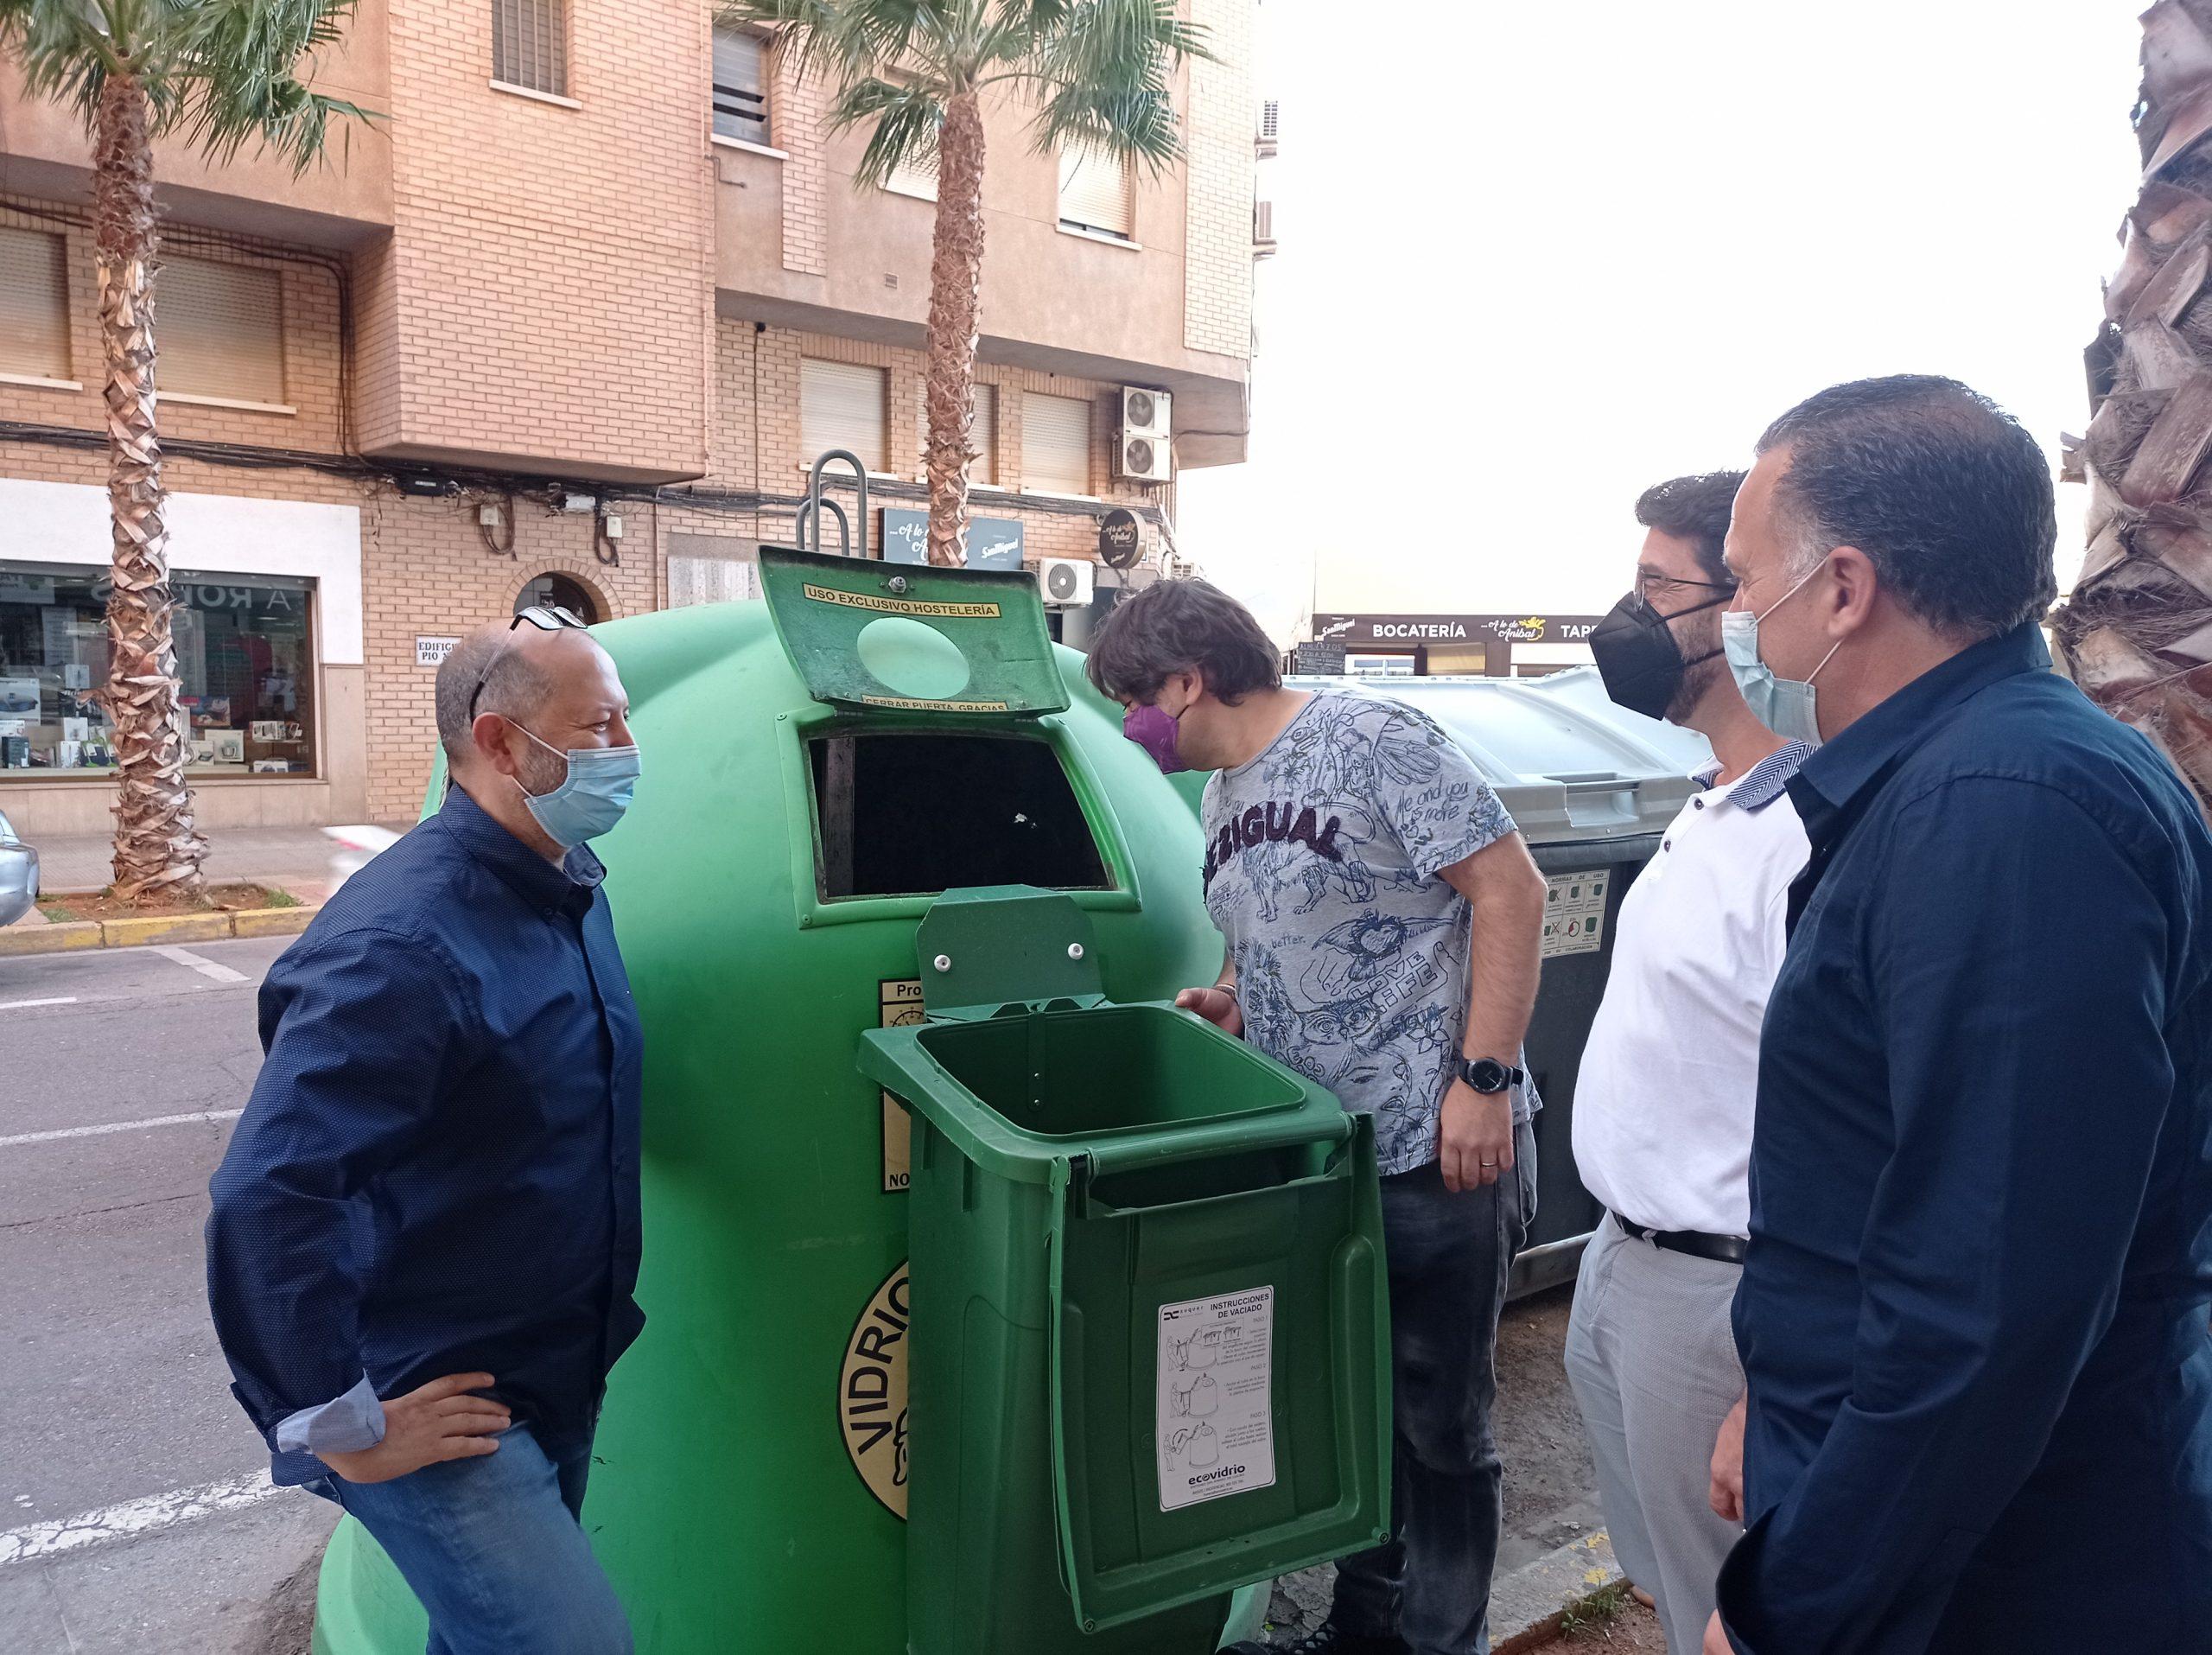 Vila-real incentivarà i facilitarà el reciclatge del vidre als establiments d'hostaleria